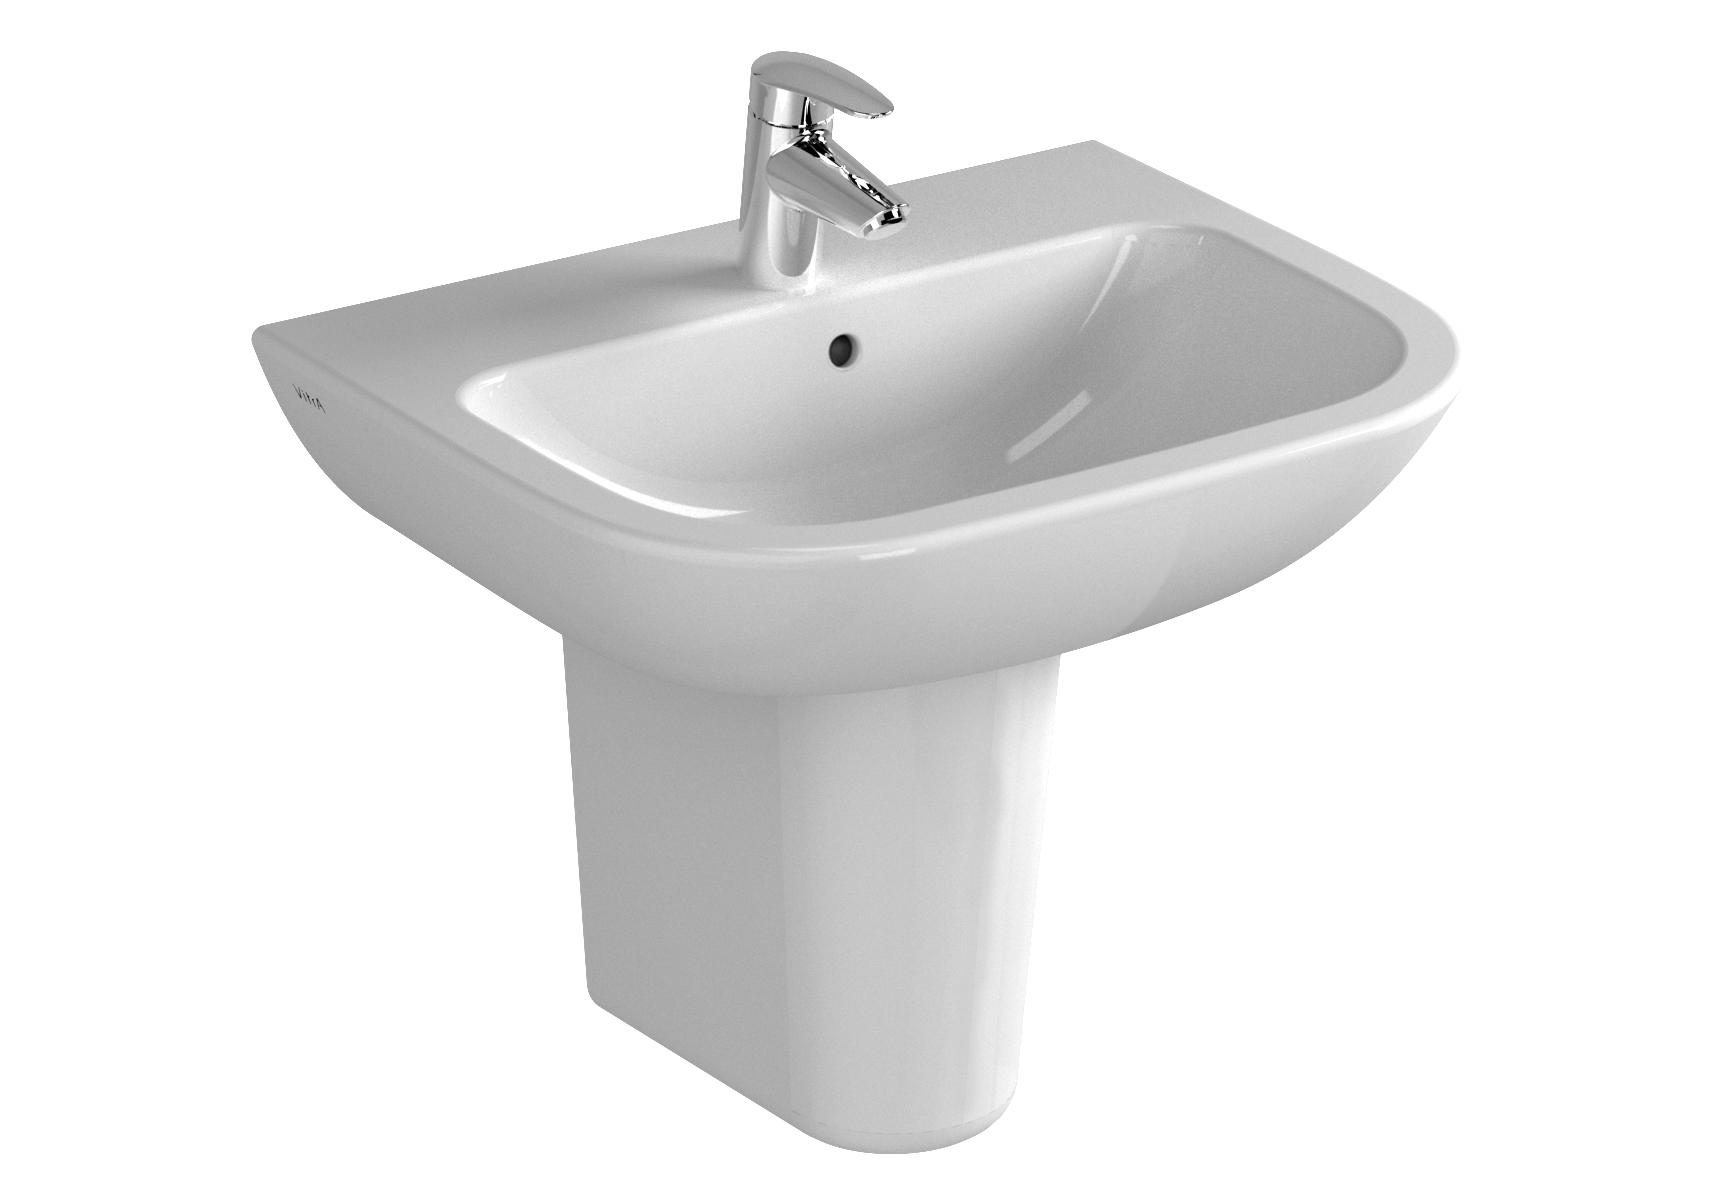 S20 Waschtisch, 55 cm, ohne Hahnloch, mit Überlaufloch, Weiß